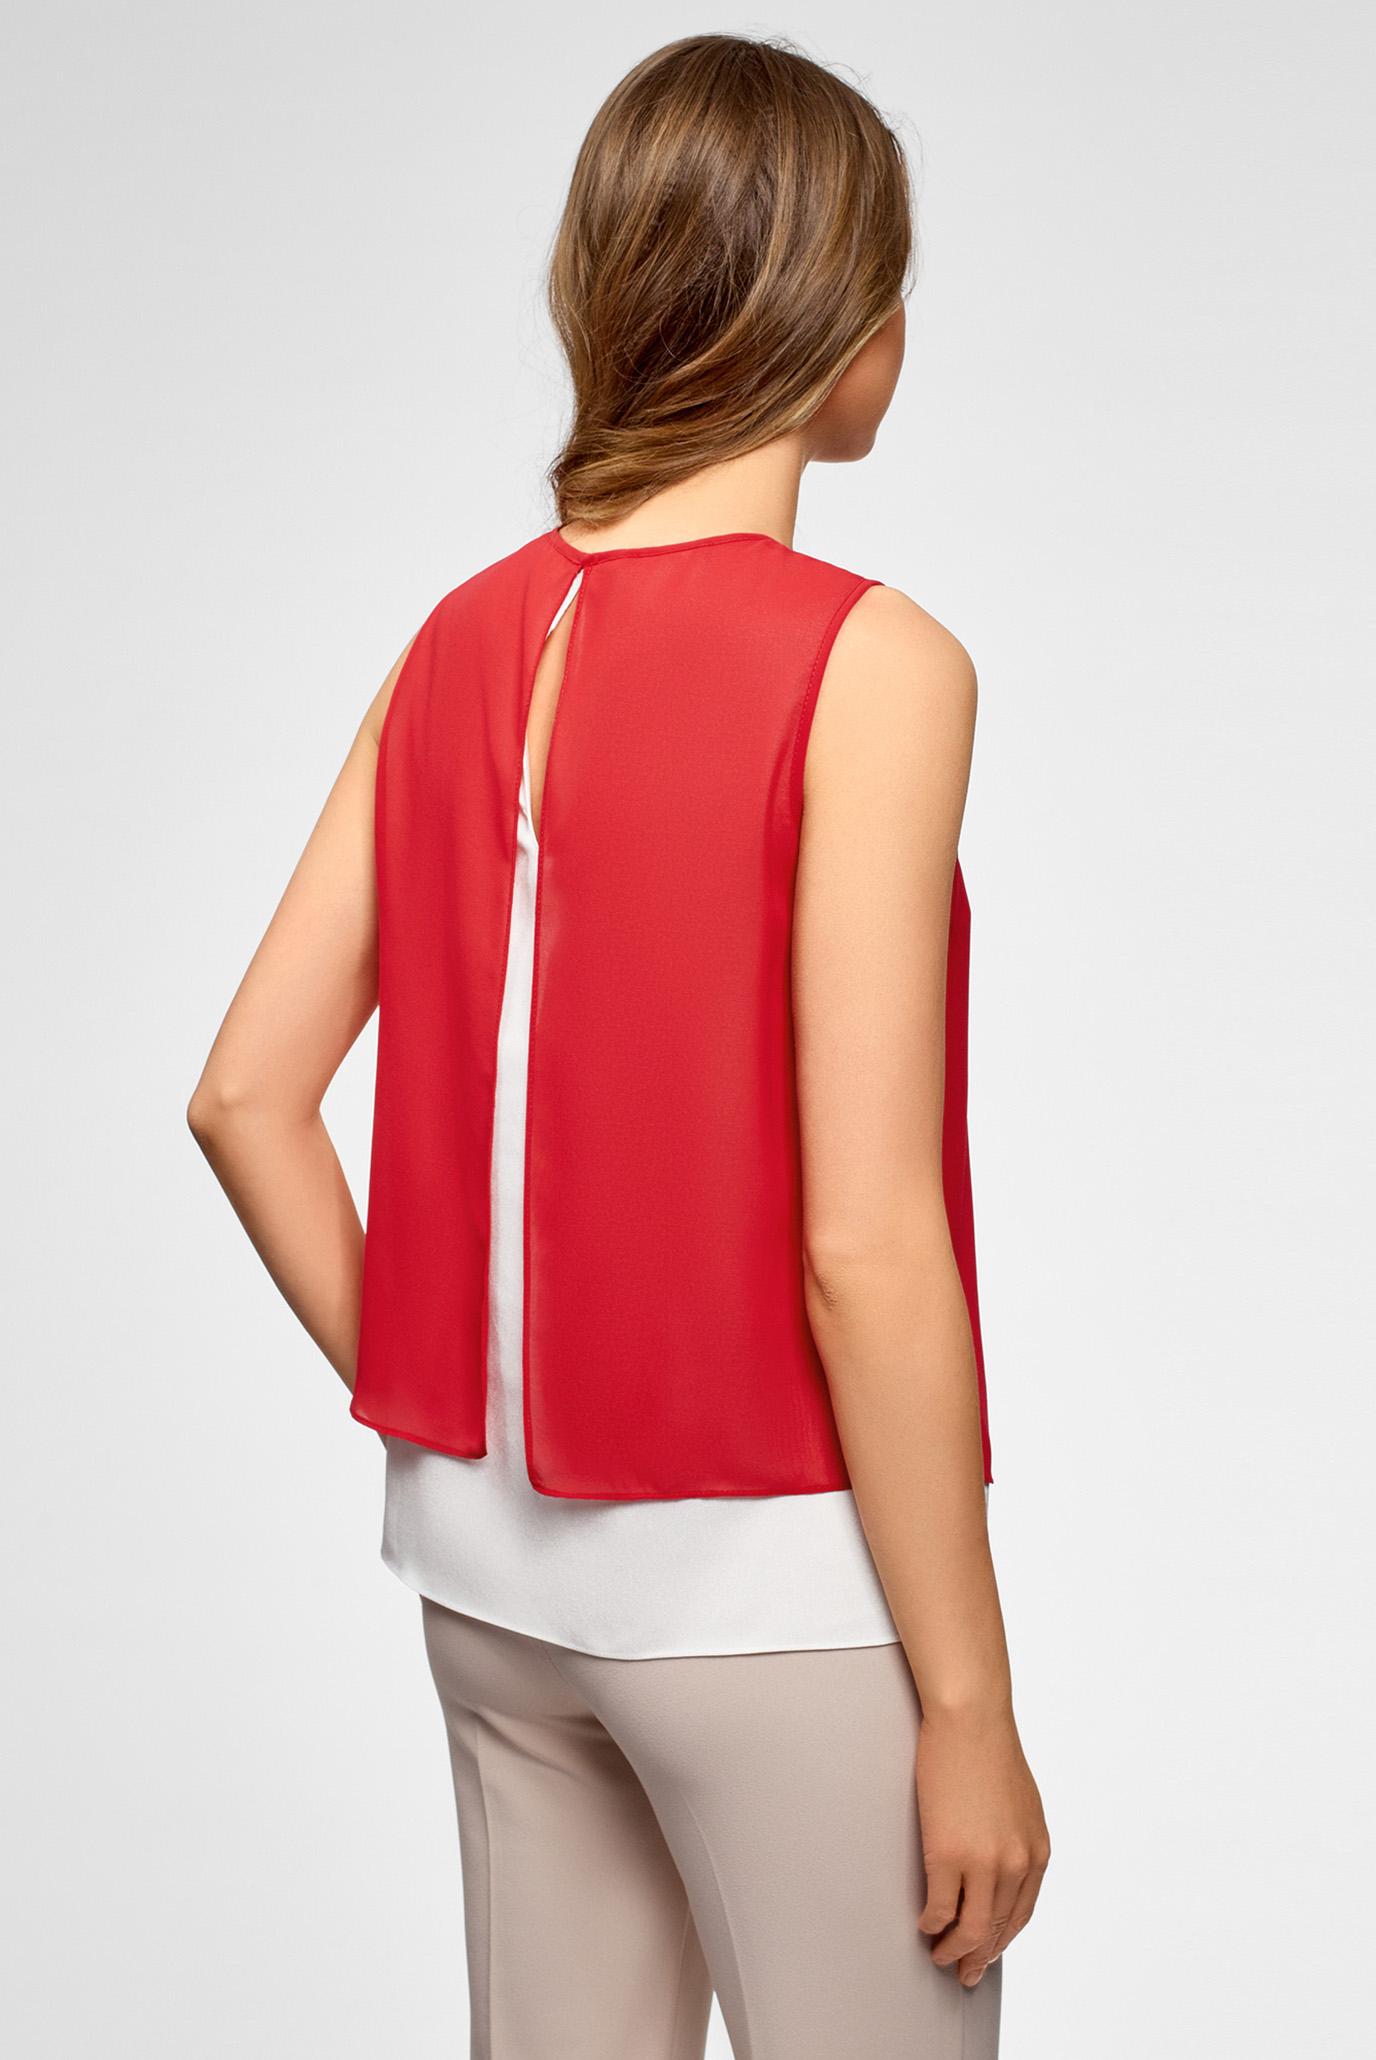 Купить Женская красная блуза Oodji Oodji 14901418/26546/124DB – Киев, Украина. Цены в интернет магазине MD Fashion